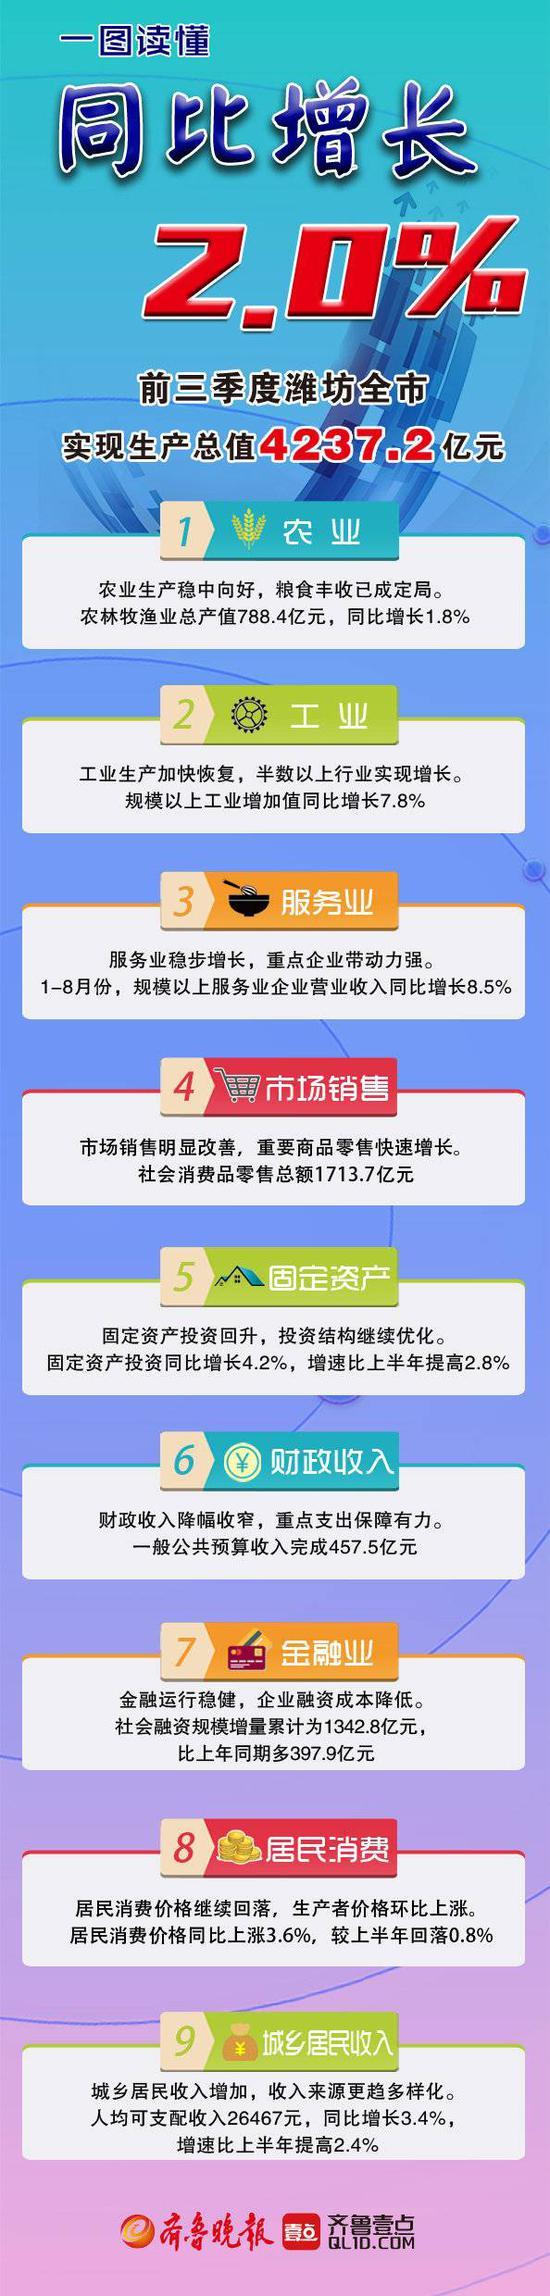 一图读懂 前三季度潍坊生产总值4237.2亿 同比增2.0%